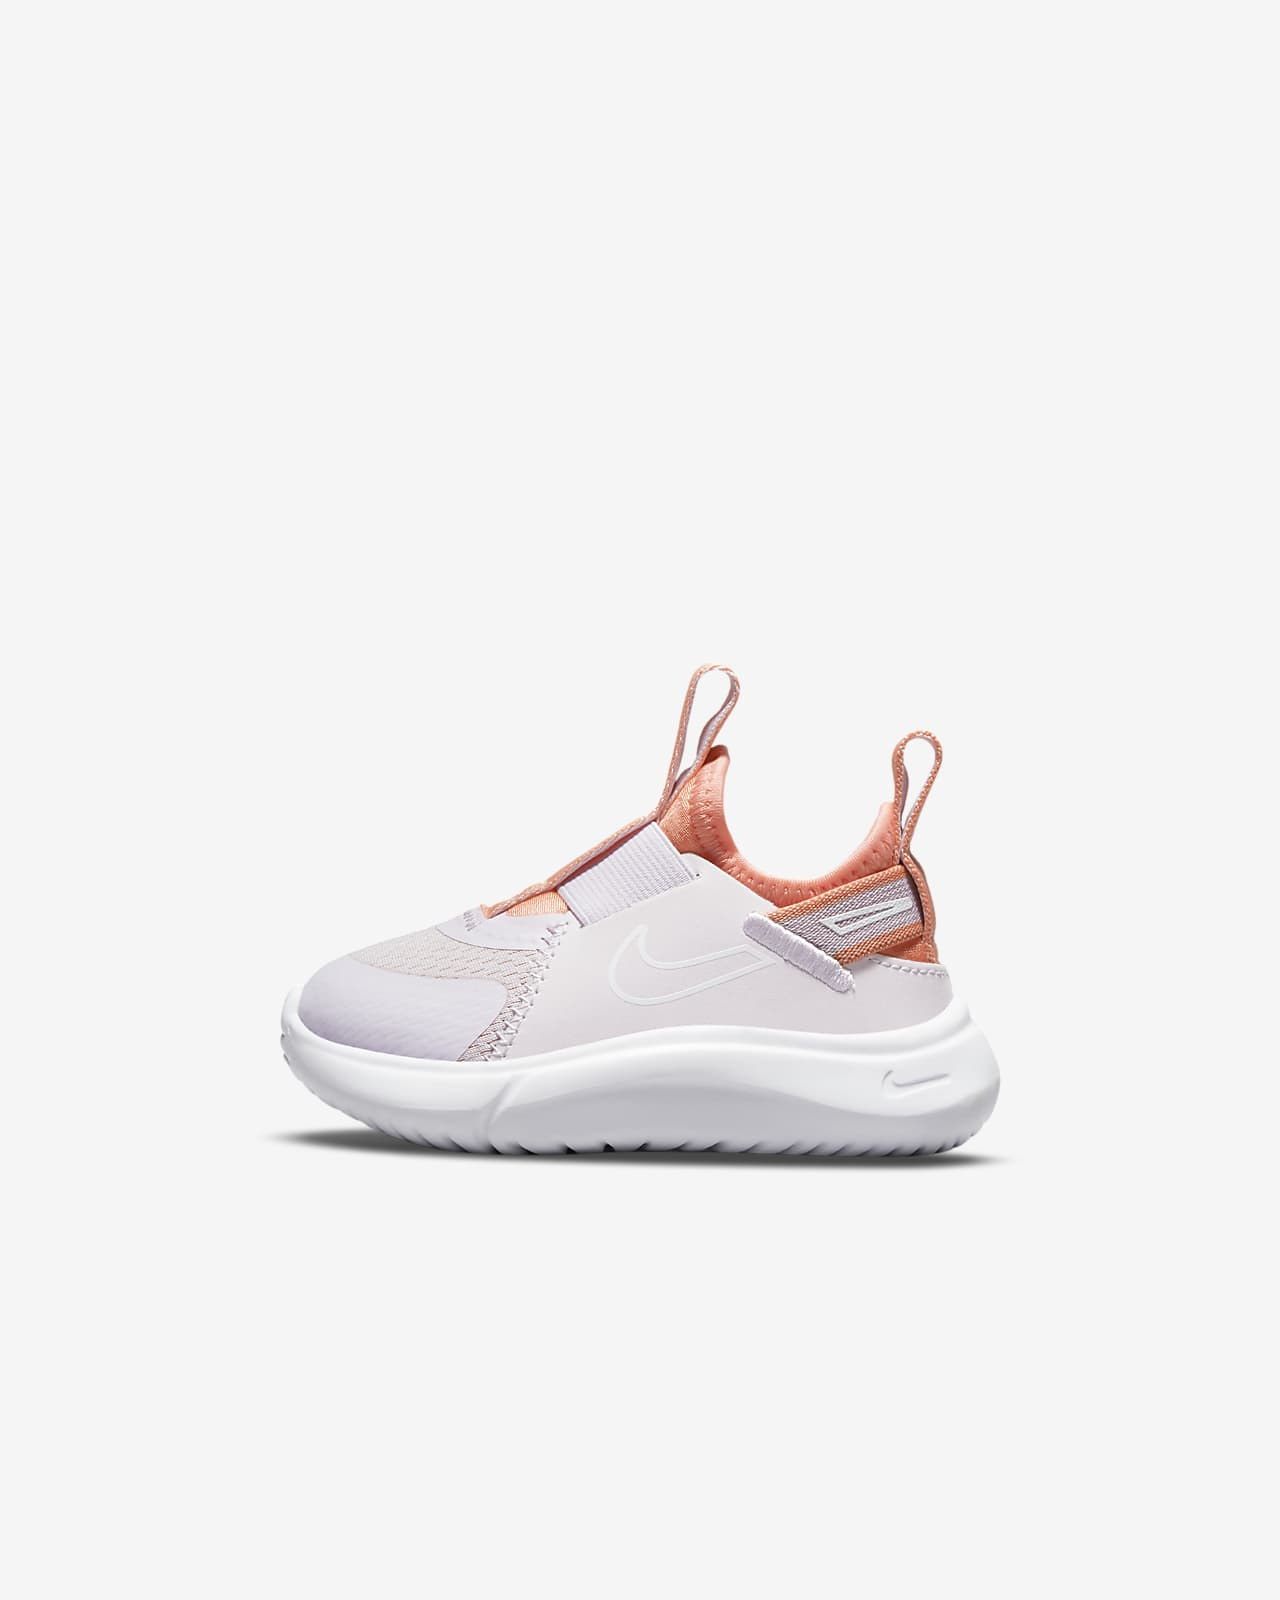 Nike Flex Plus Baby/Toddler Shoe